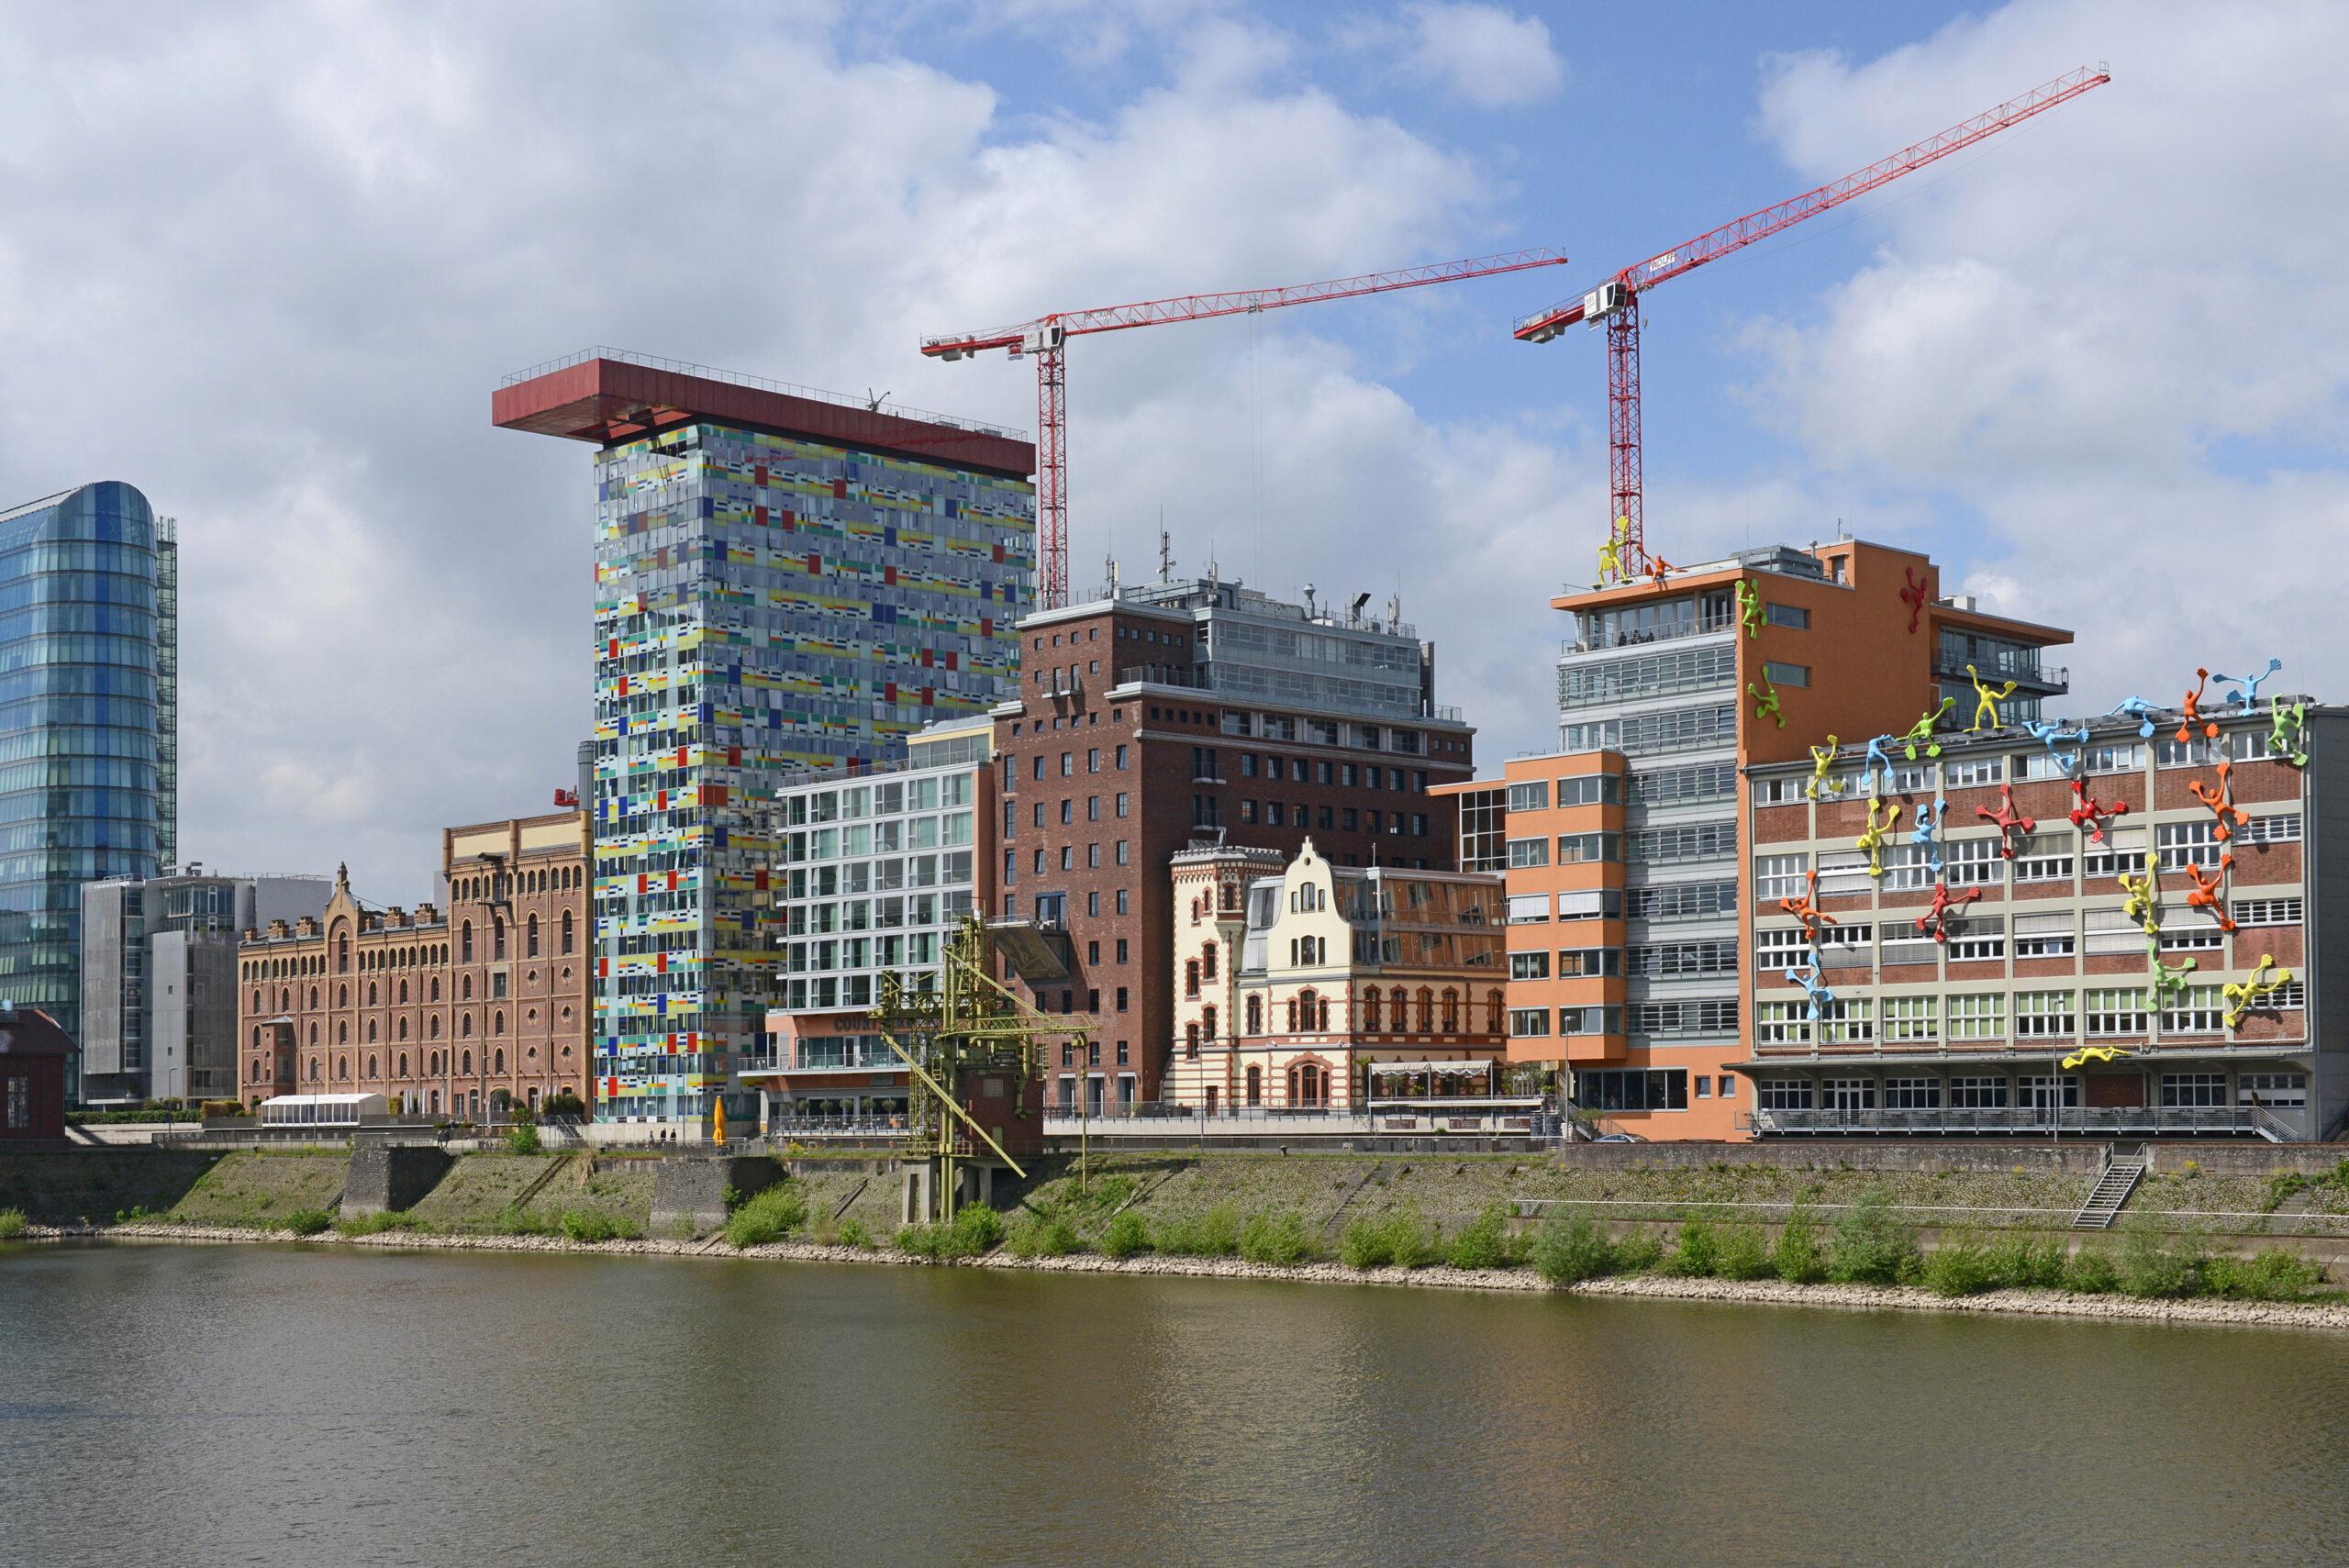 Häfen im Wandel, Düsseldorf, Medienhafen, April 2018